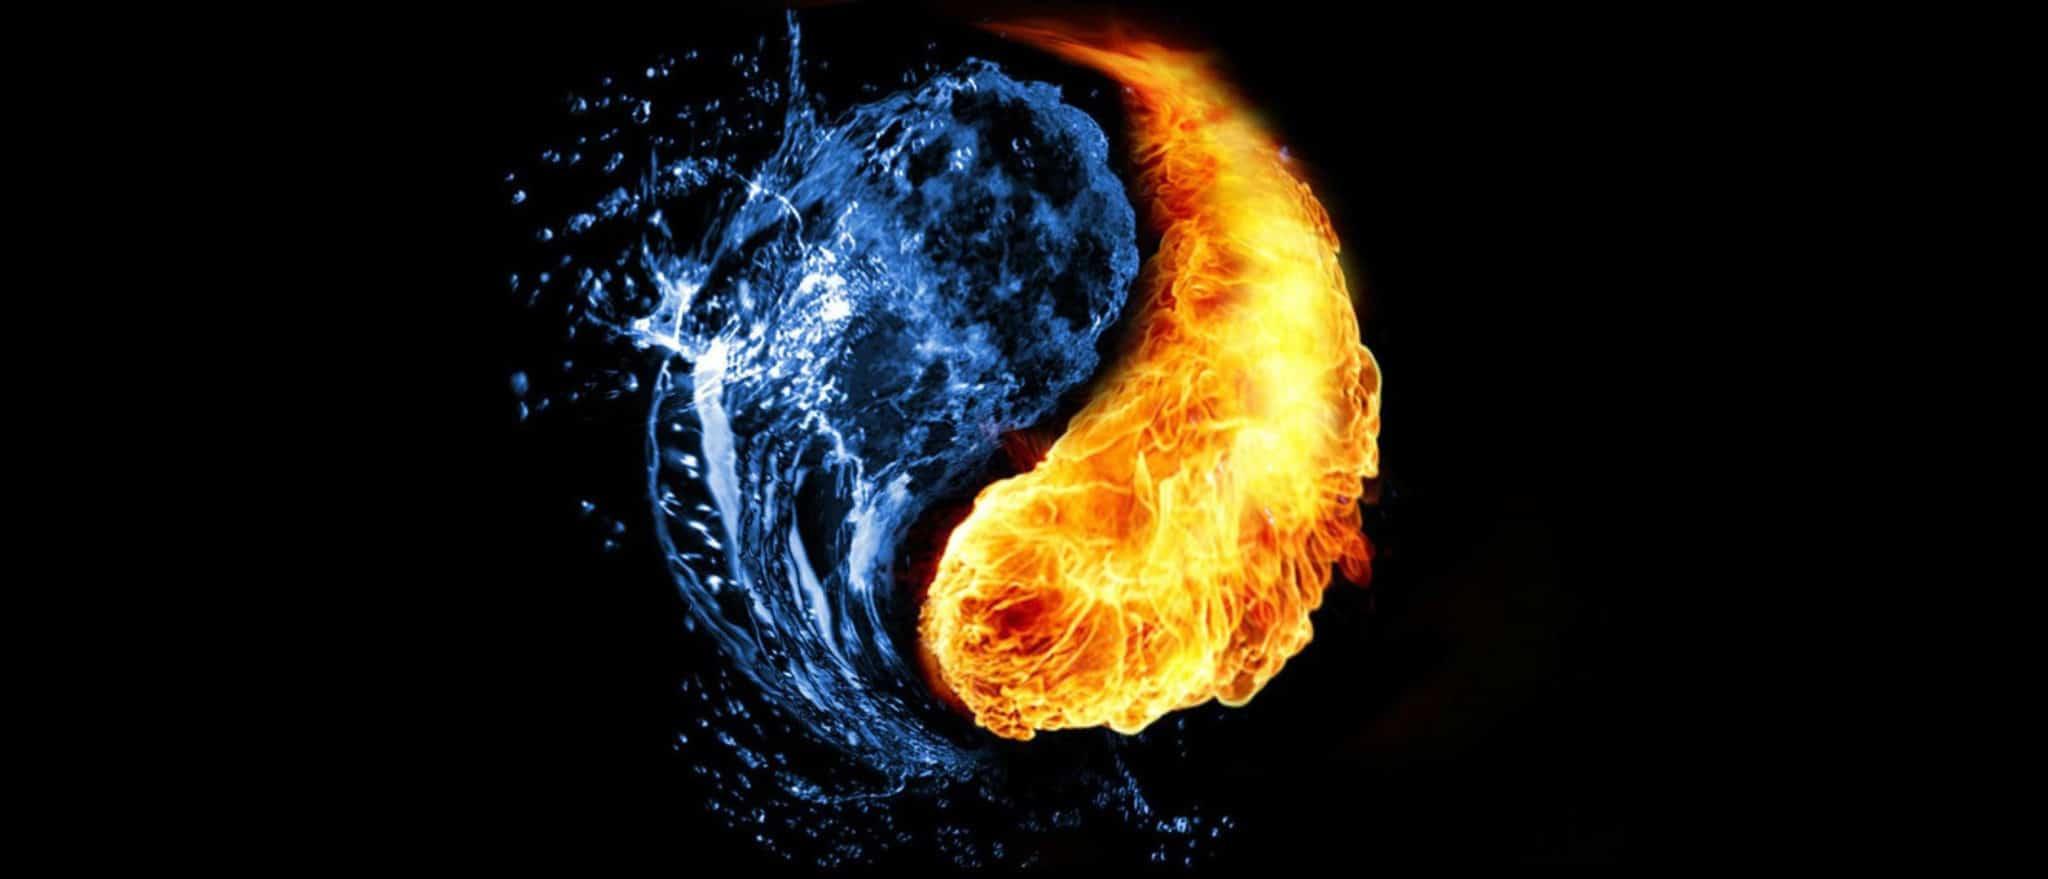 qu'est ce que le yin